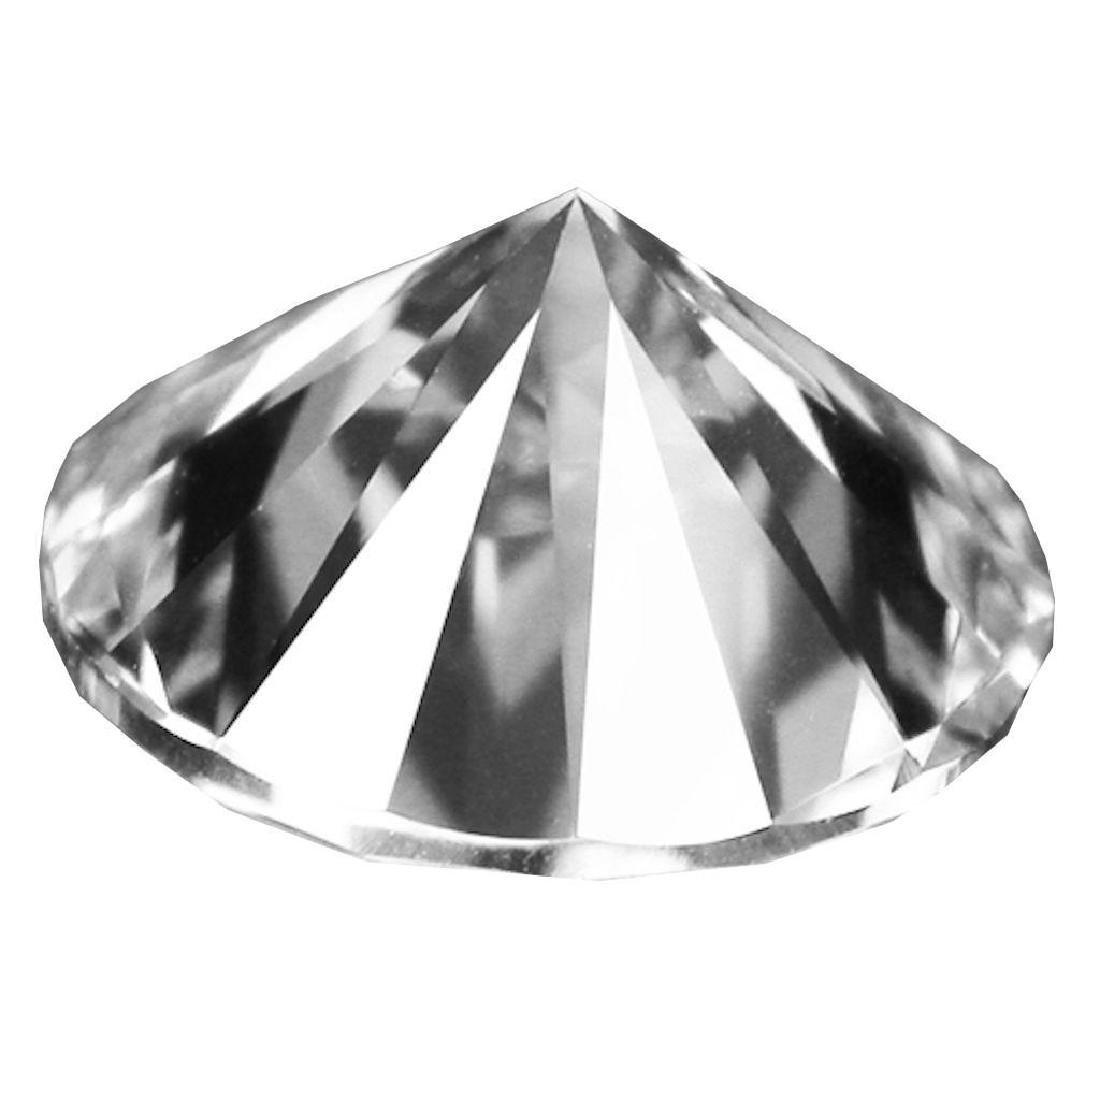 3.87cts Bianco Diamond Grade 6AAAAAA - Loose Stone - 3